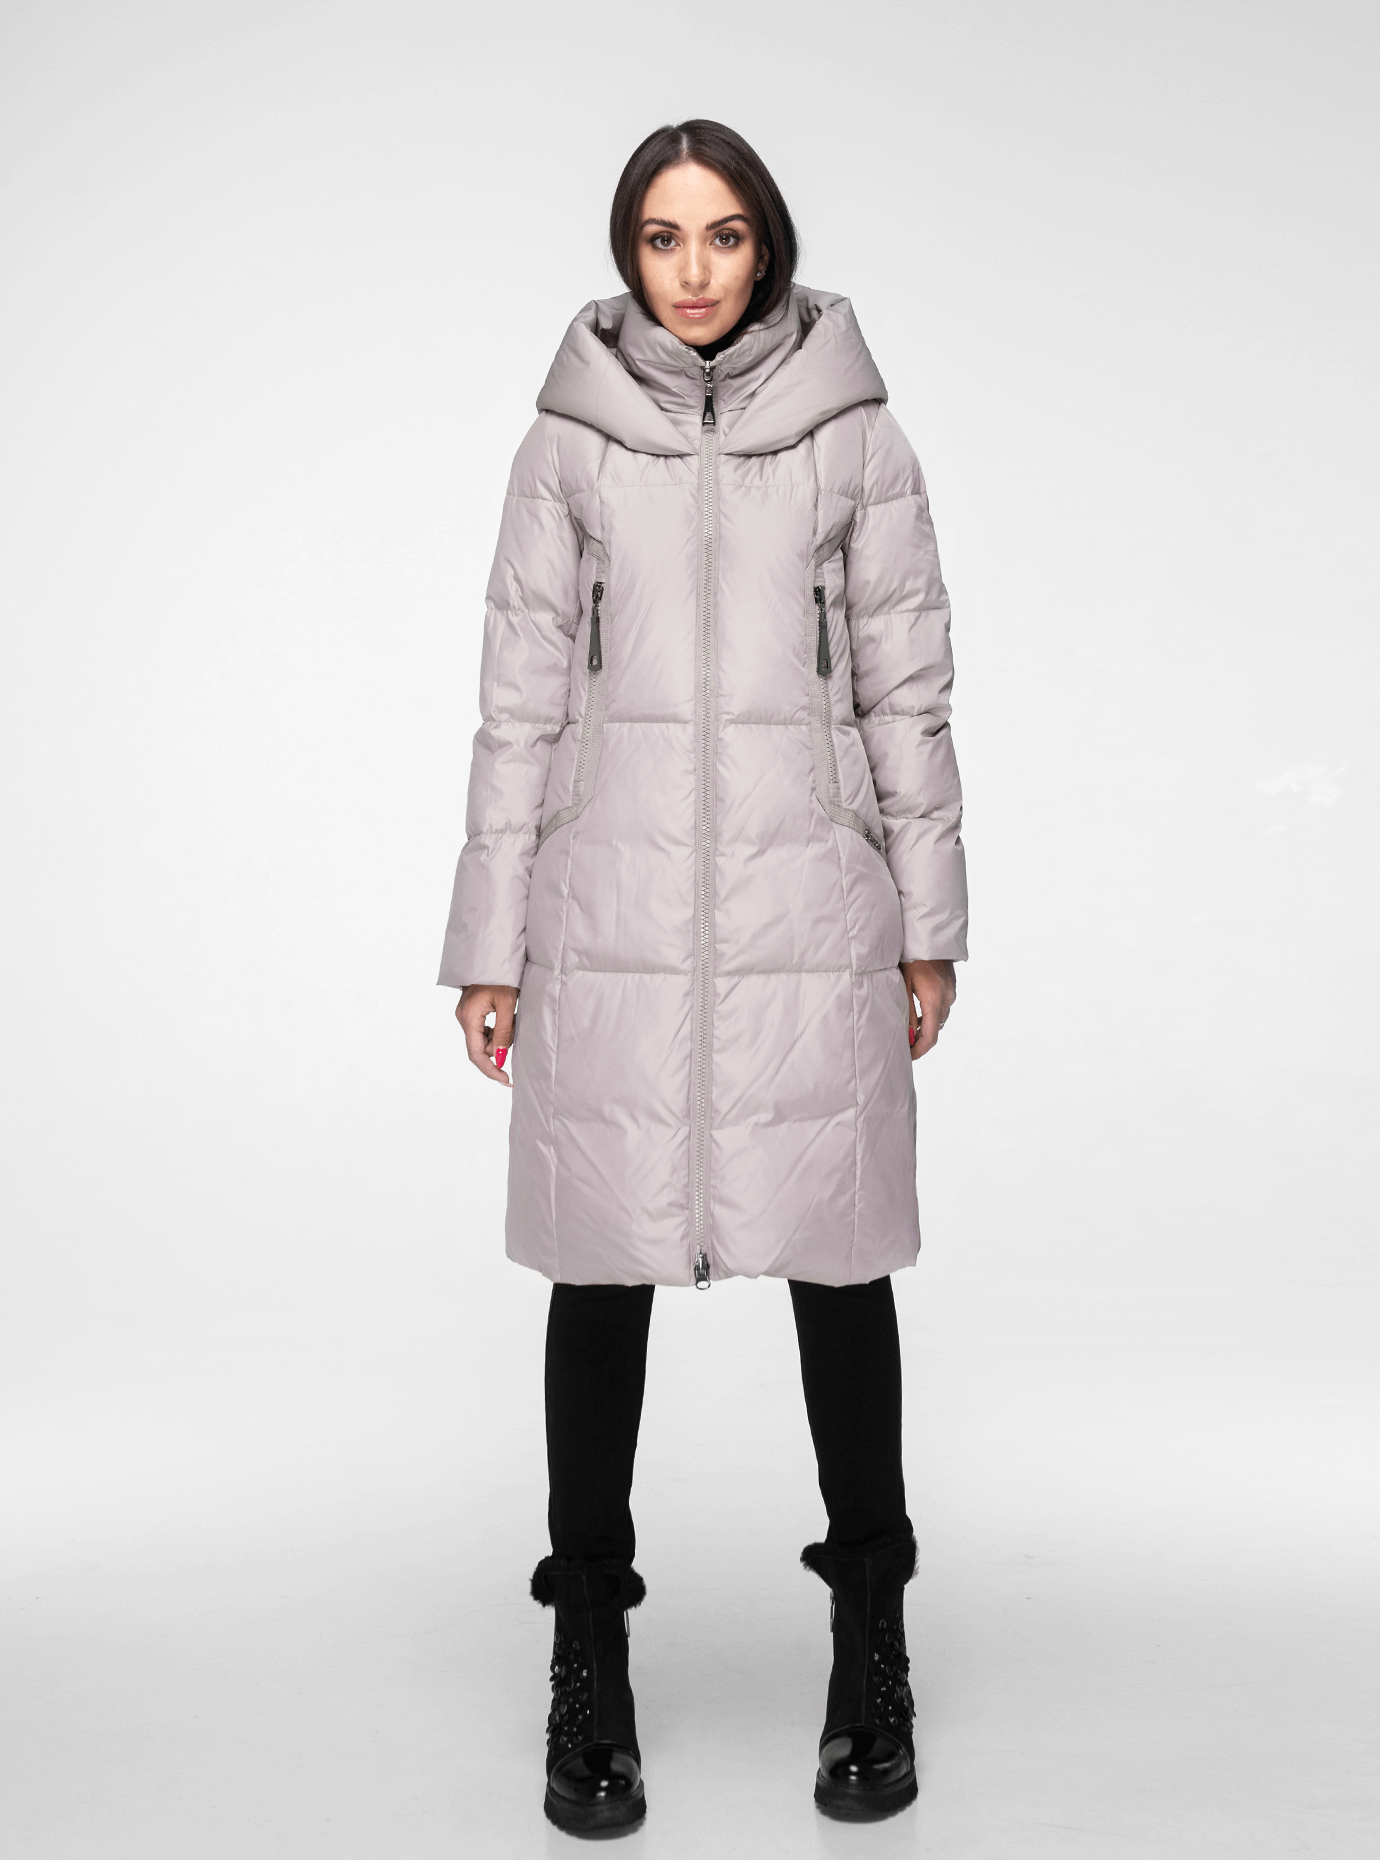 Классическая зимняя женская куртка Светло-серый 2XL (02-190215): фото - Alster.ua